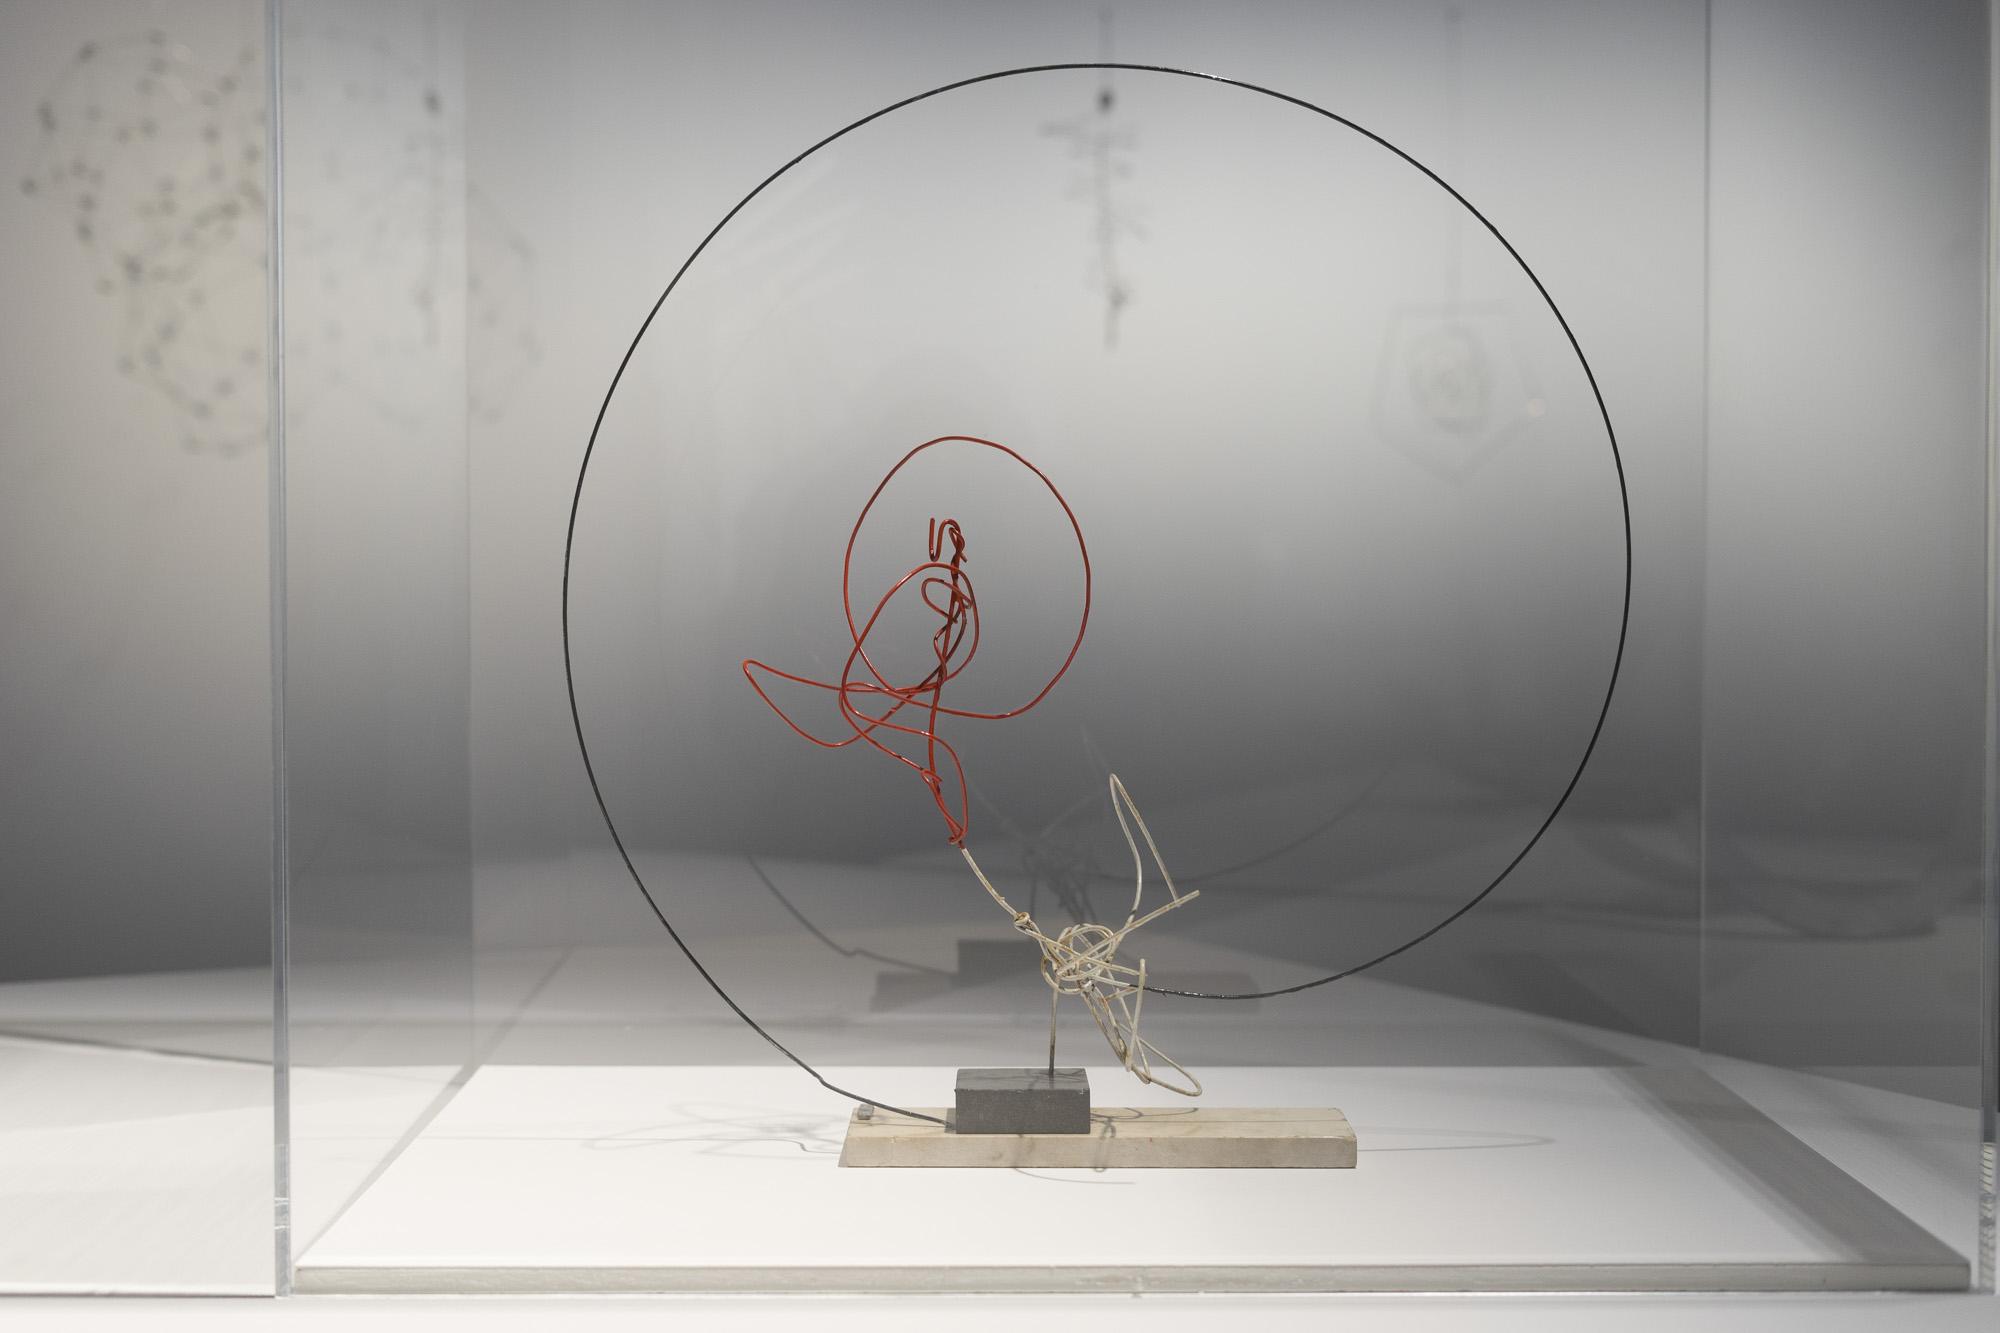 Ritmos en el círculo, 1950. Obra de Enio Iommi,  presente en la muestra Negativer Raum / Espacio Negativo / Negative Space, perteneciente a la fundación Daros. Foto: Leonardo Antoniadis.